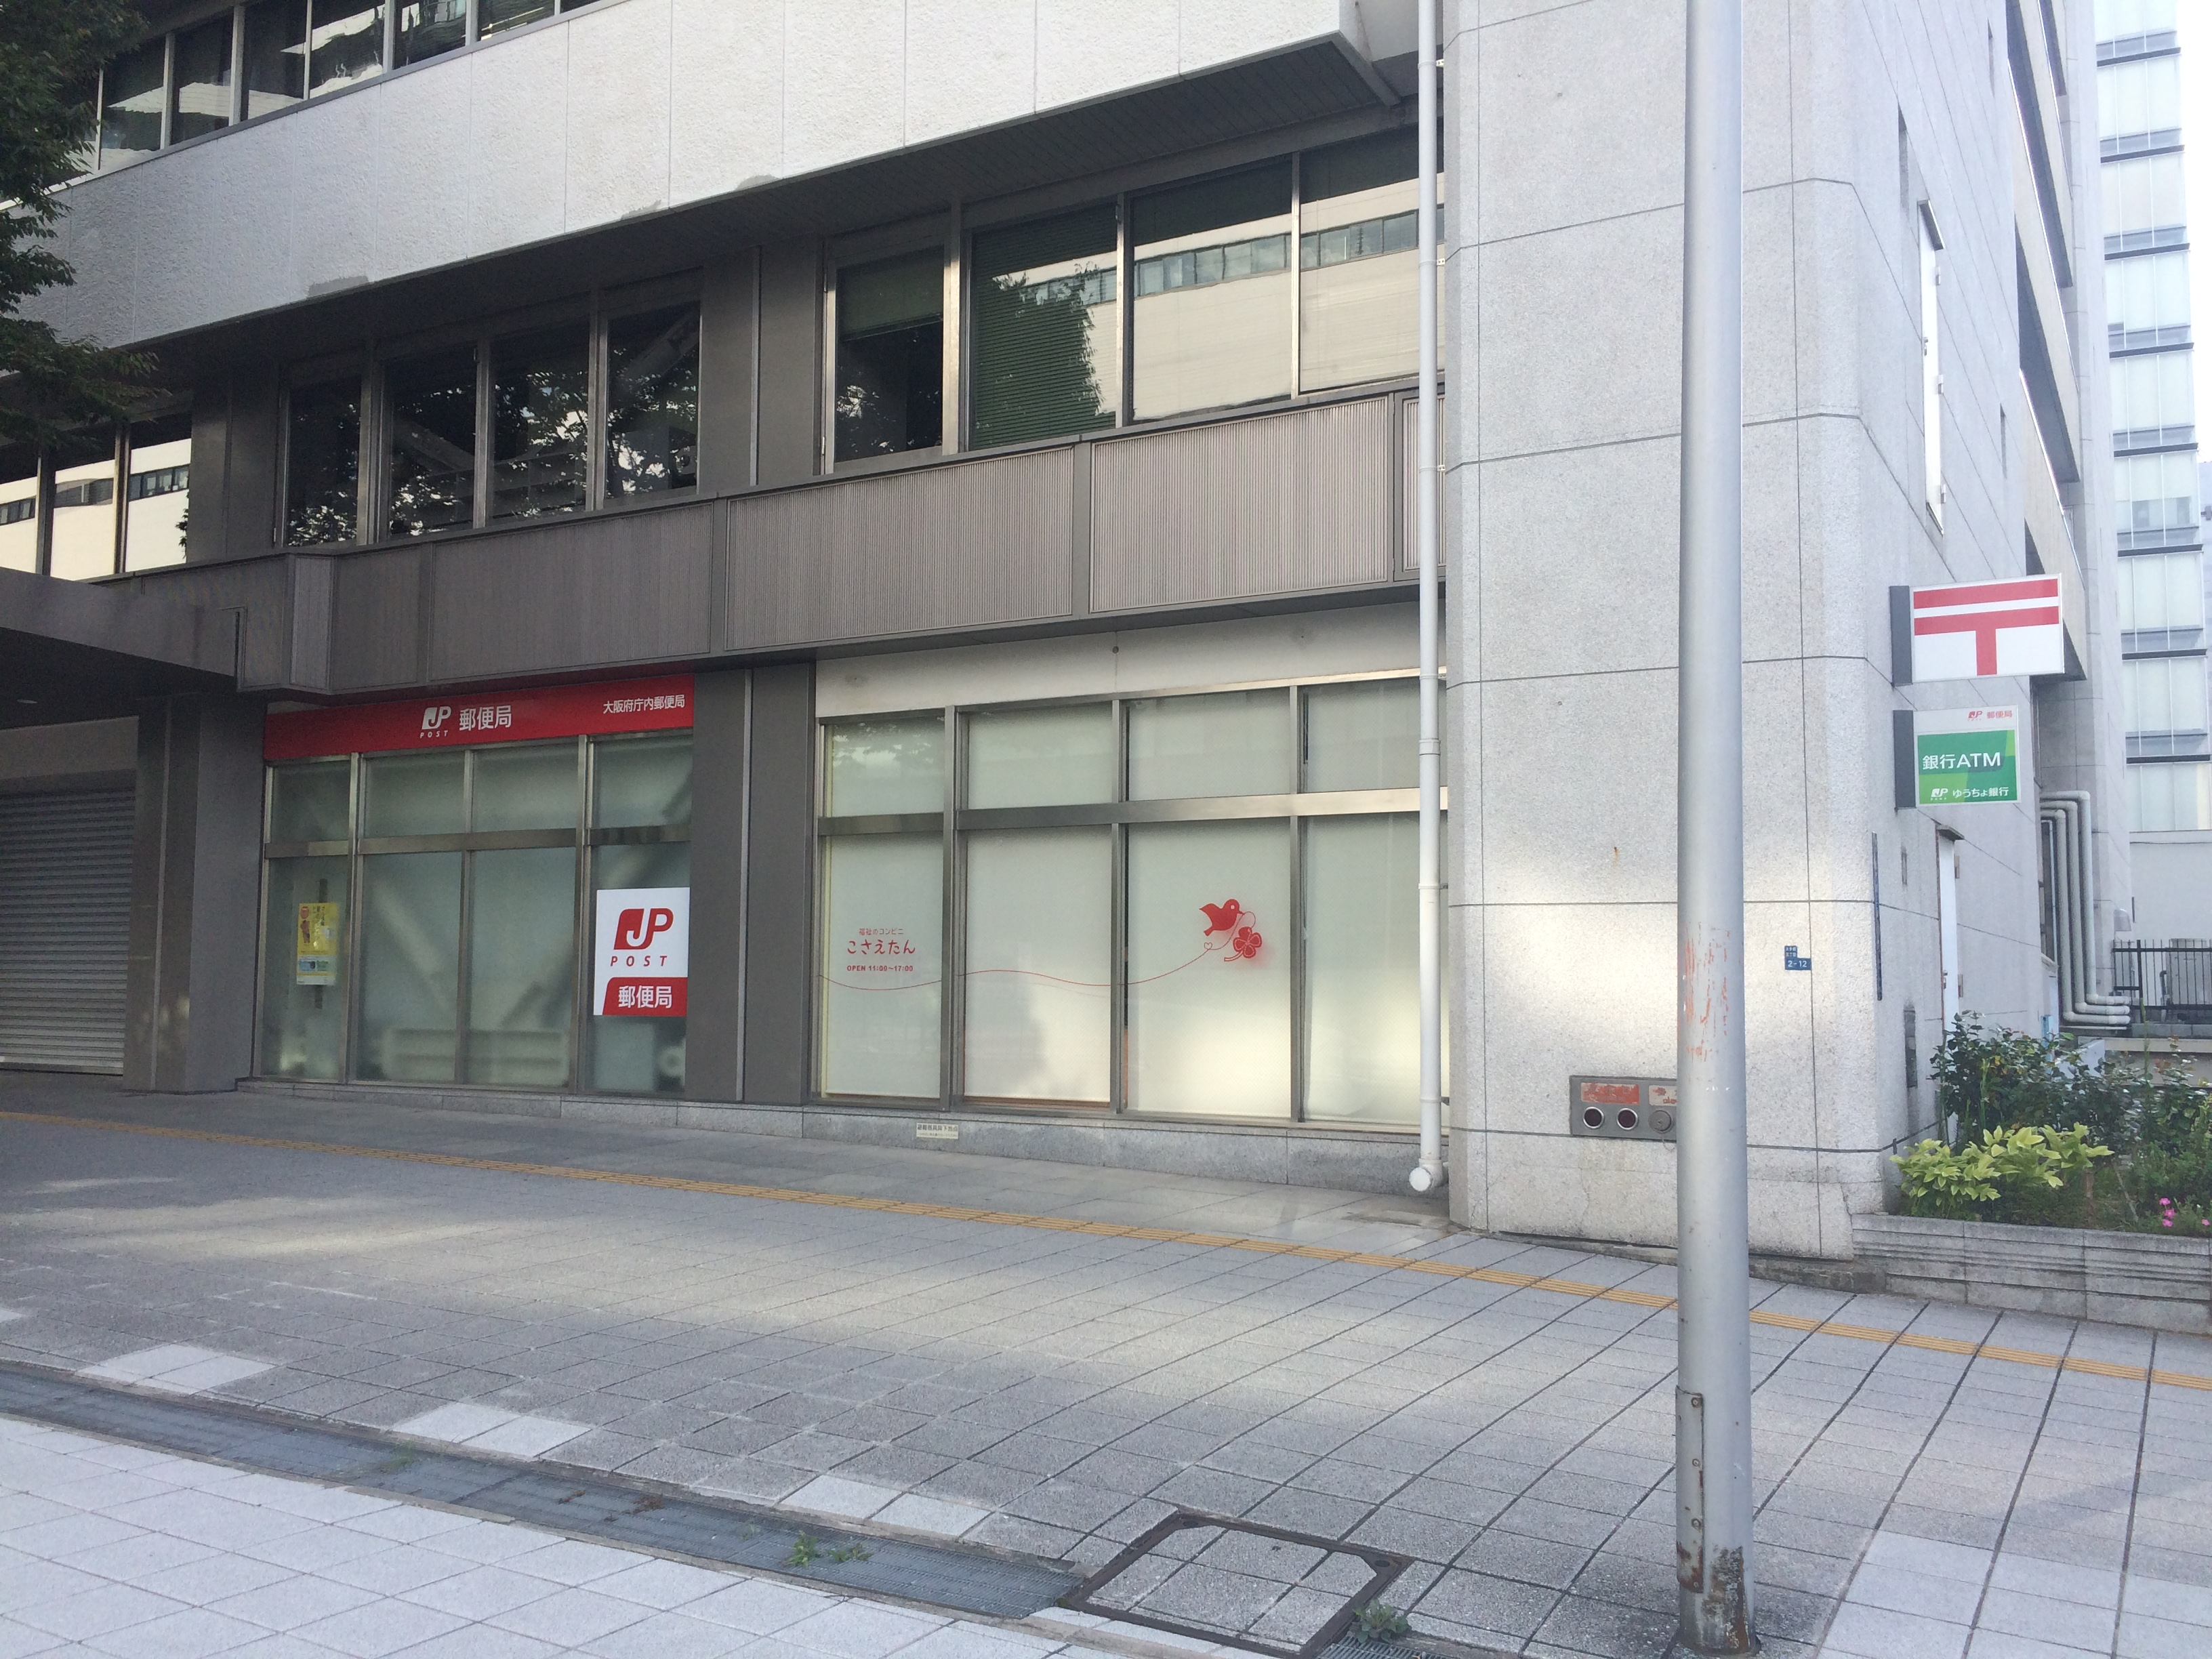 郵便局 018支店